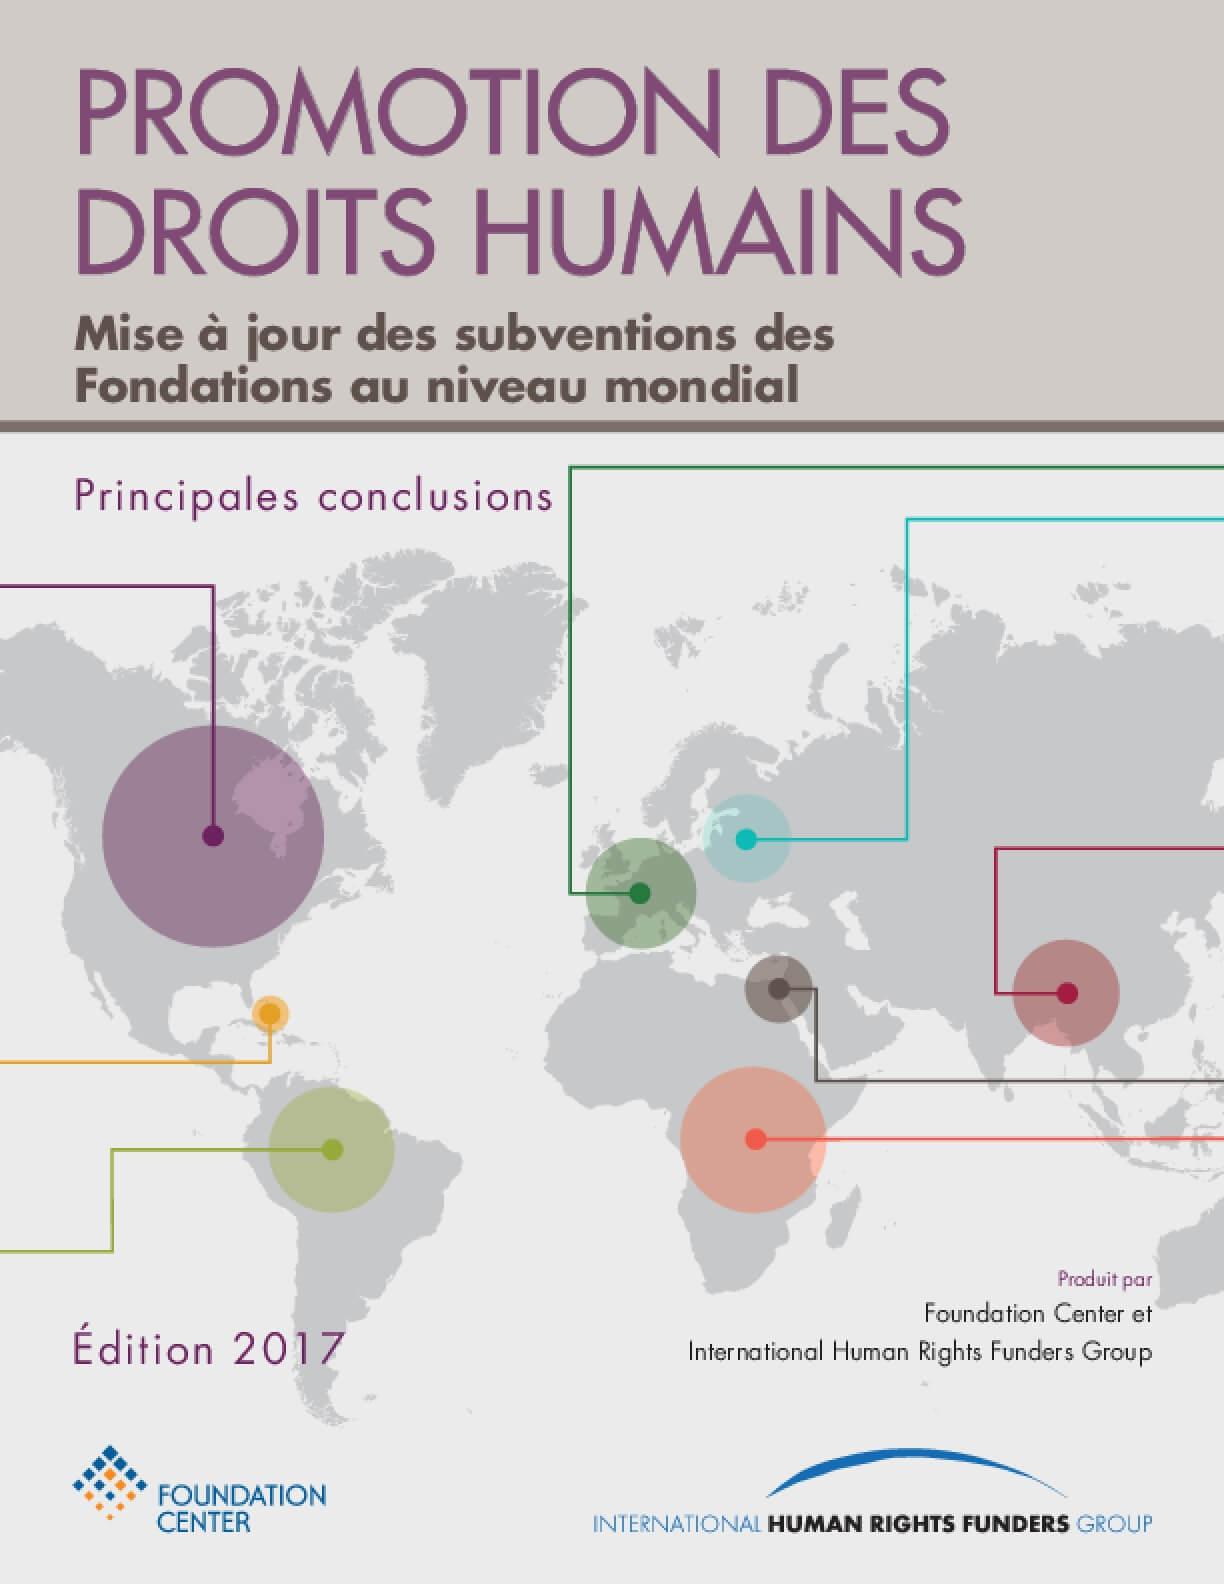 Promotion Des Droits Humains: Mise À Jour Des Subventions Des Fondations Au Niveau Mondial - French 2017 Edition